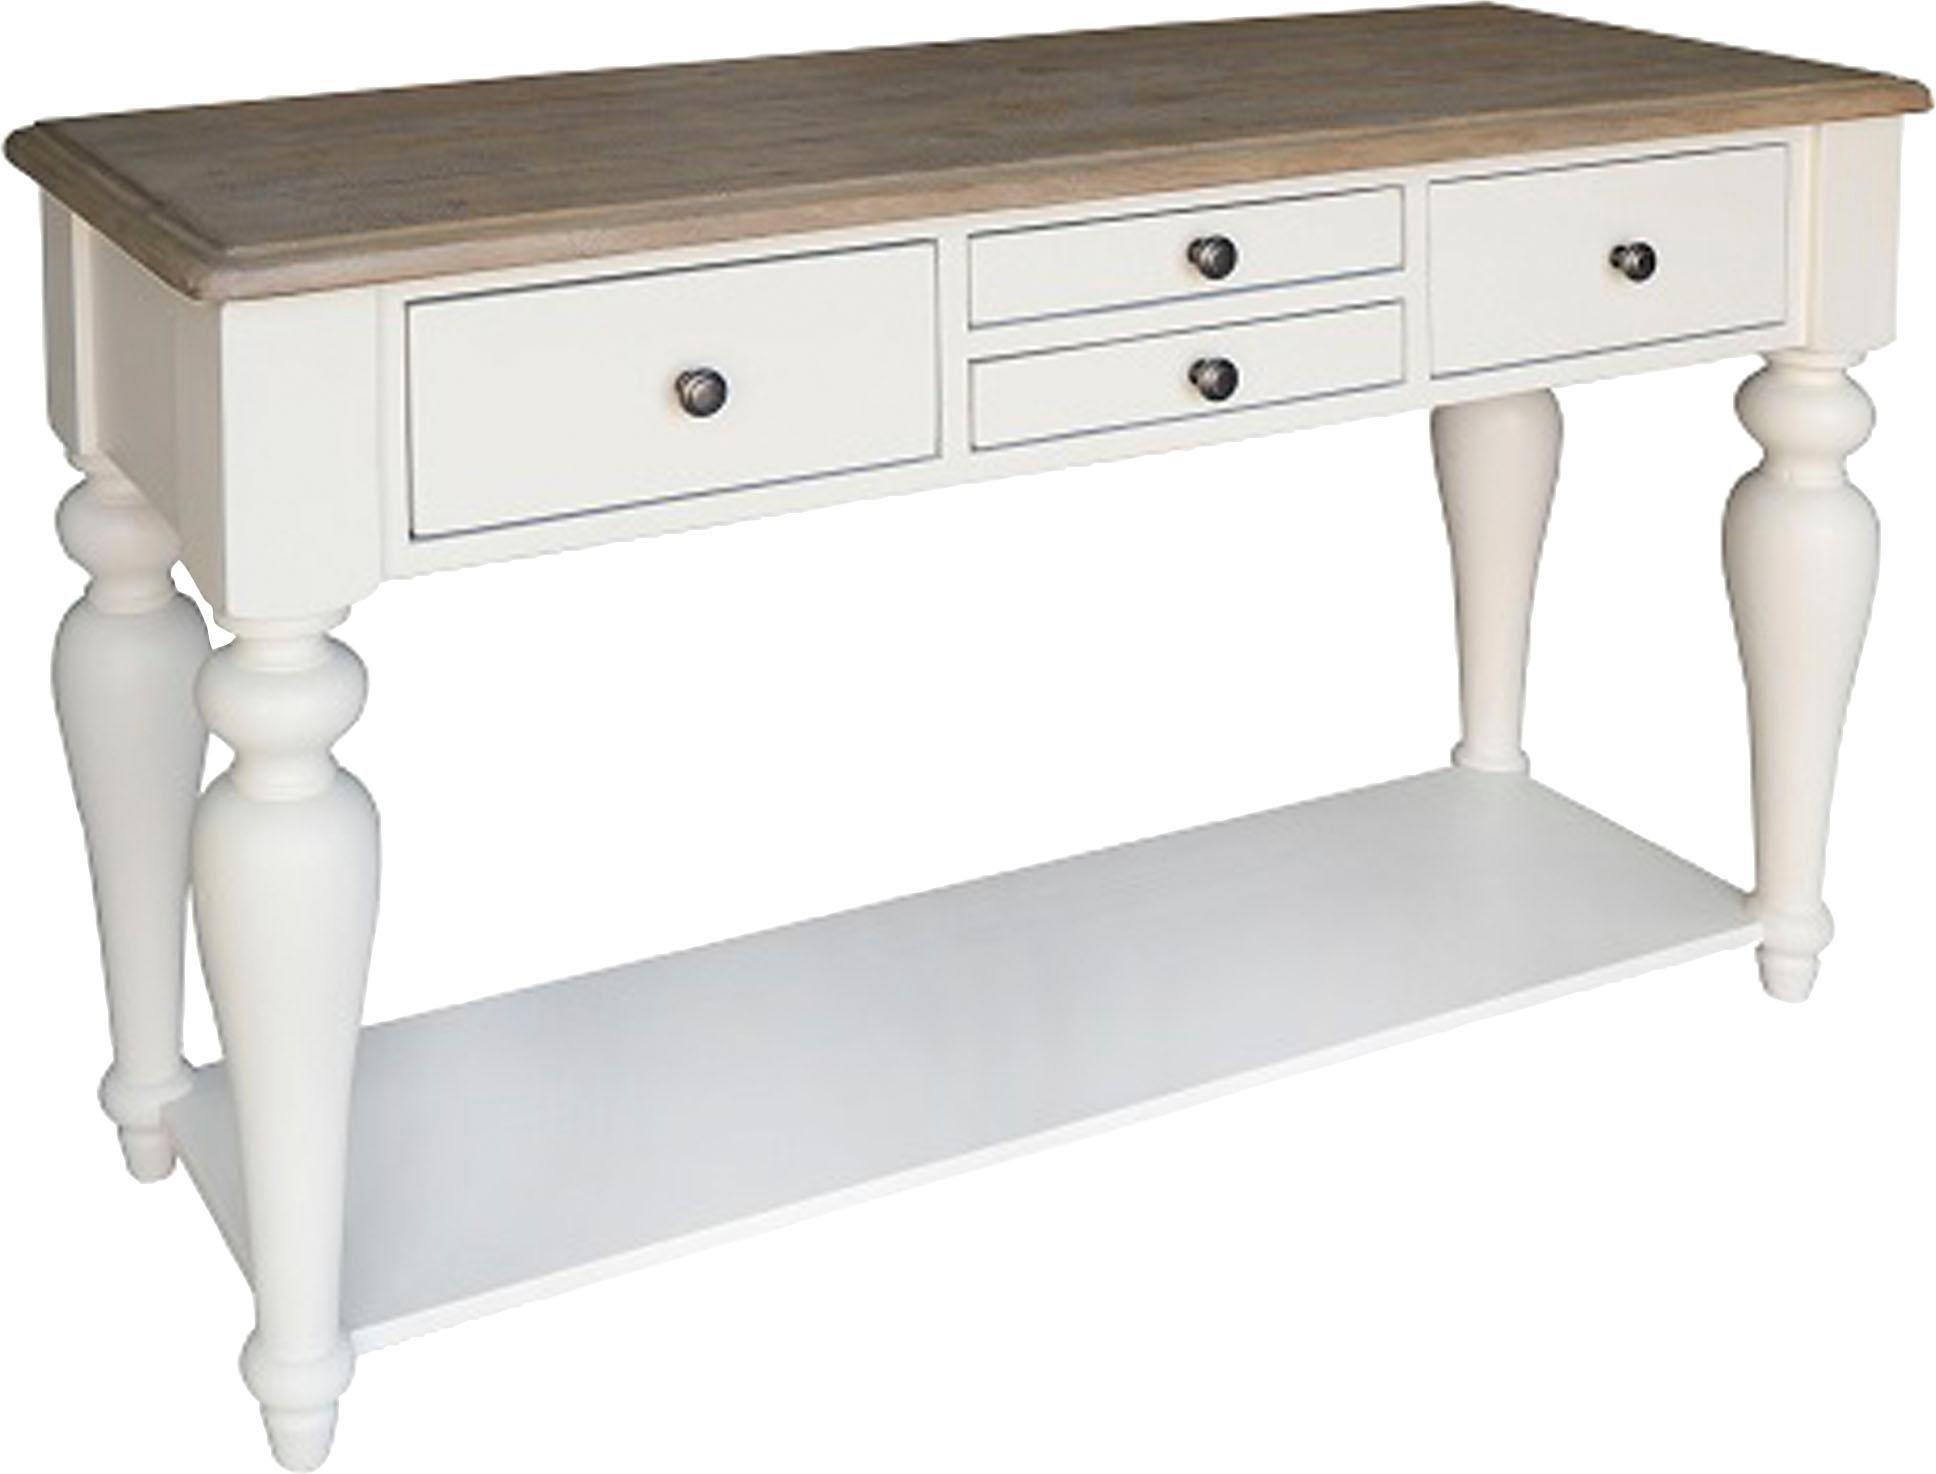 the wood times konsolentische online kaufen m bel suchmaschine. Black Bedroom Furniture Sets. Home Design Ideas